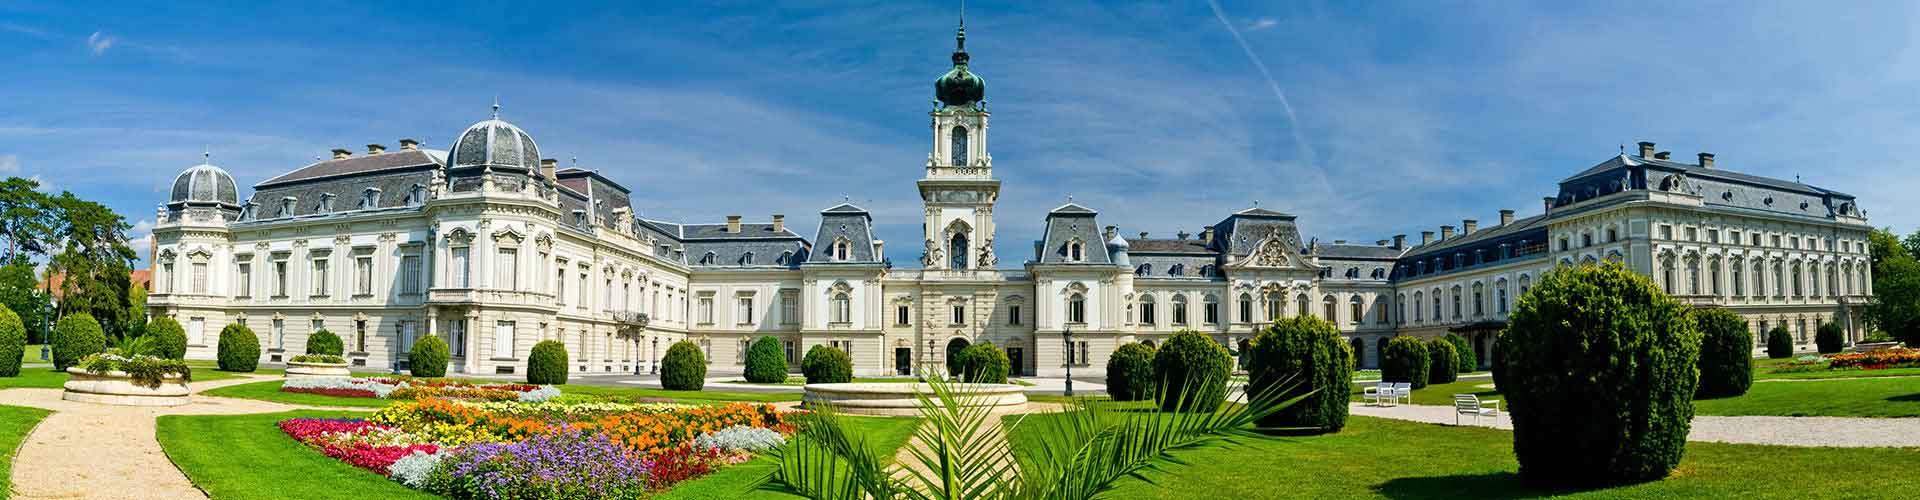 Keszthely - Apartamentos en Keszthely. Mapas de Keszthely, Fotos y comentarios de cada Apartamento en Keszthely.